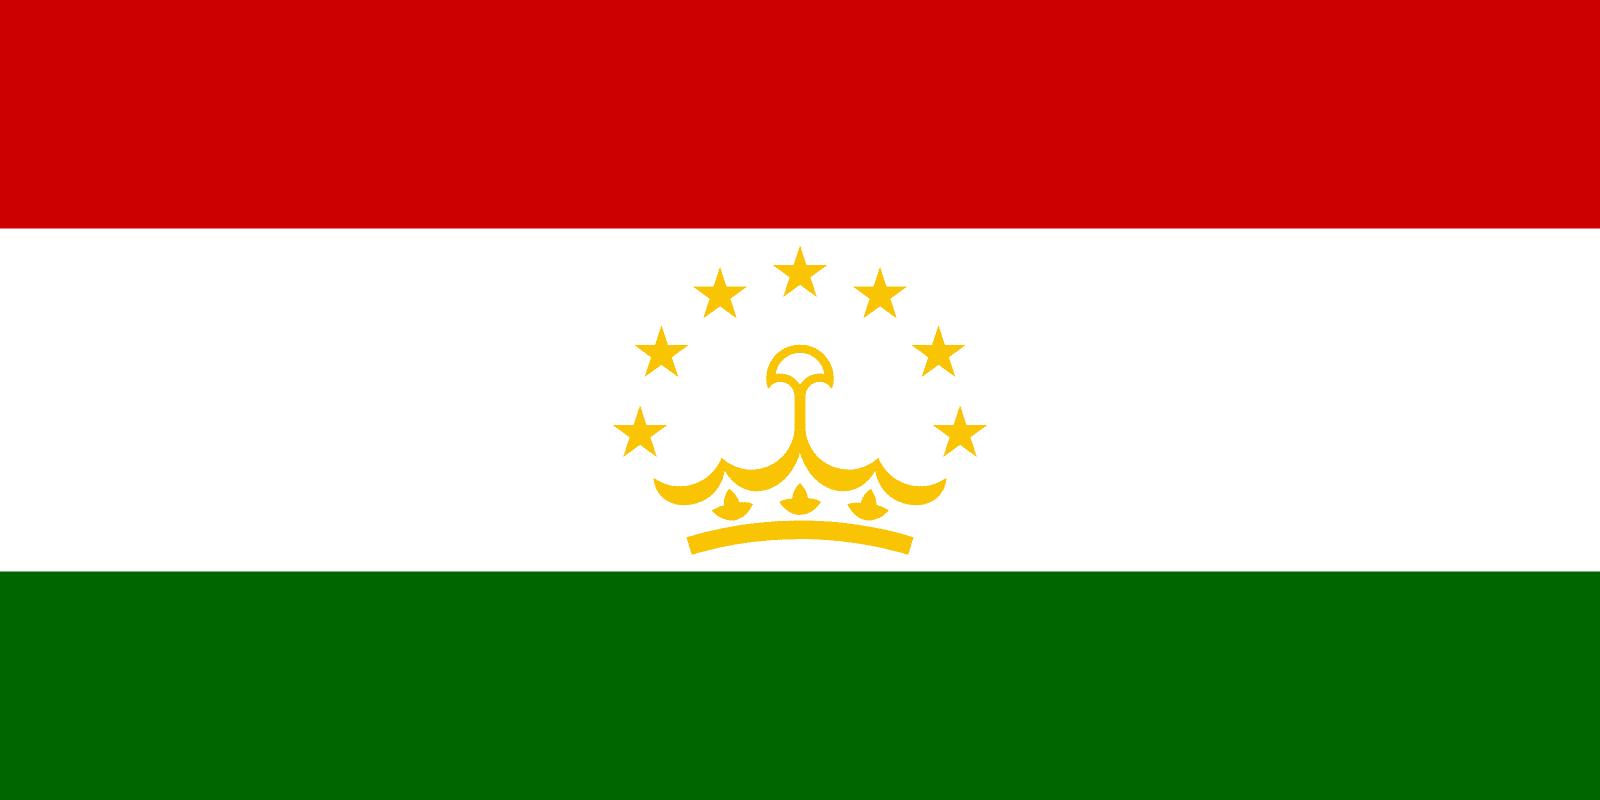 Флаг для вставки на веб сайтах